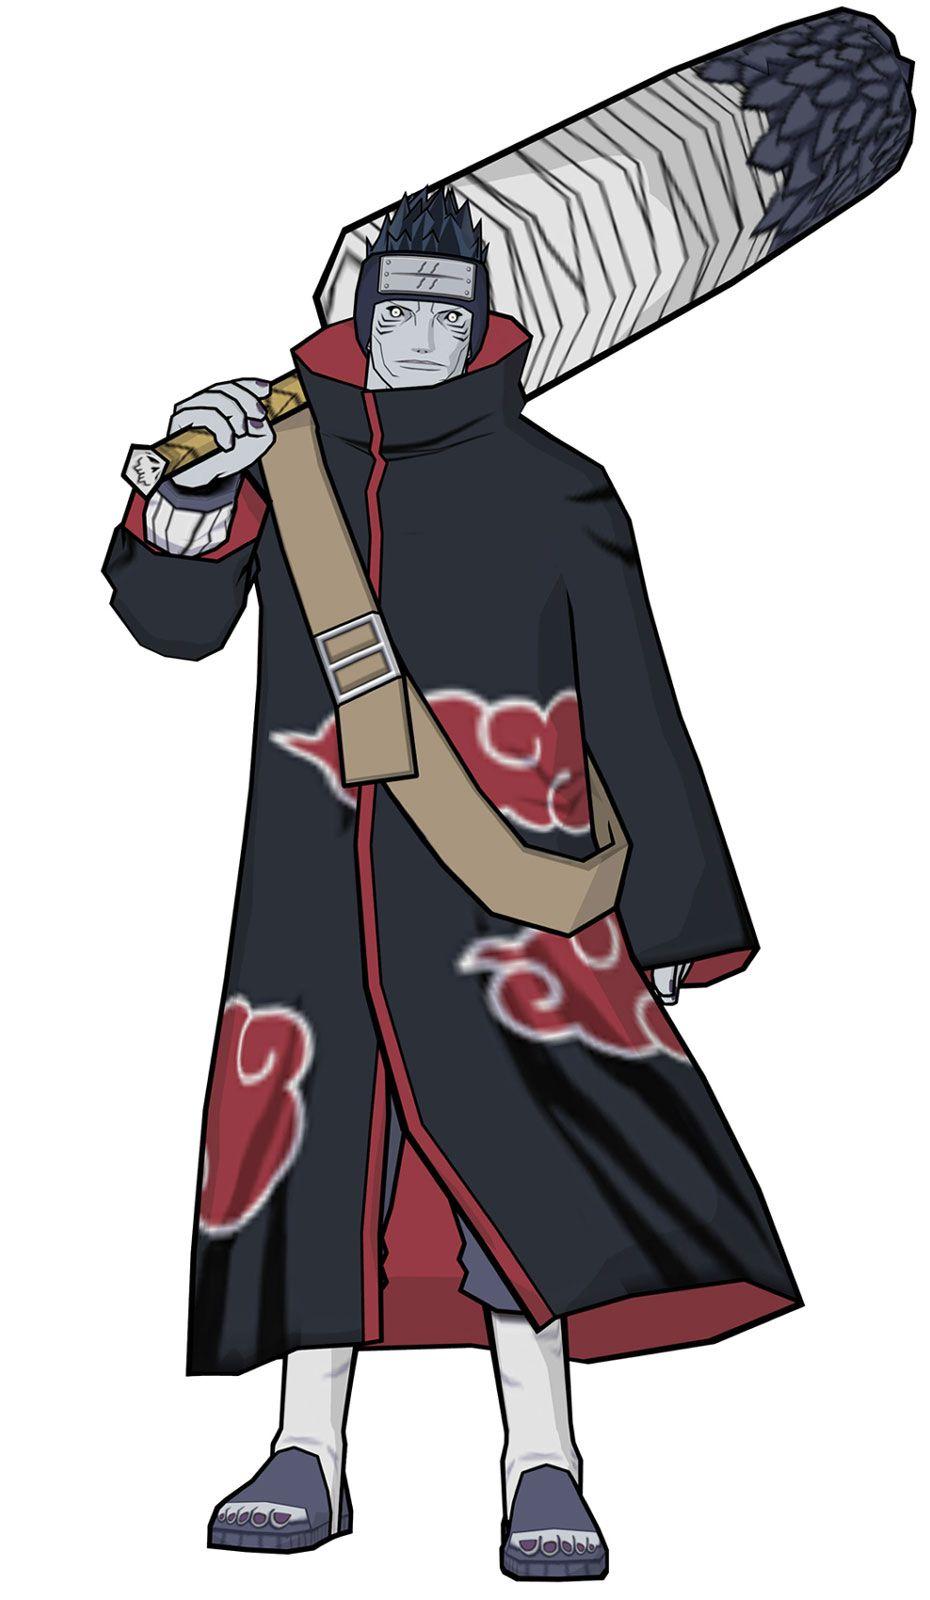 Kisame Hoshigaki Characters Art Naruto Shippuden Clash Of Ninja Revolution Iii Naruto Naruto Shippuden Akatsuki